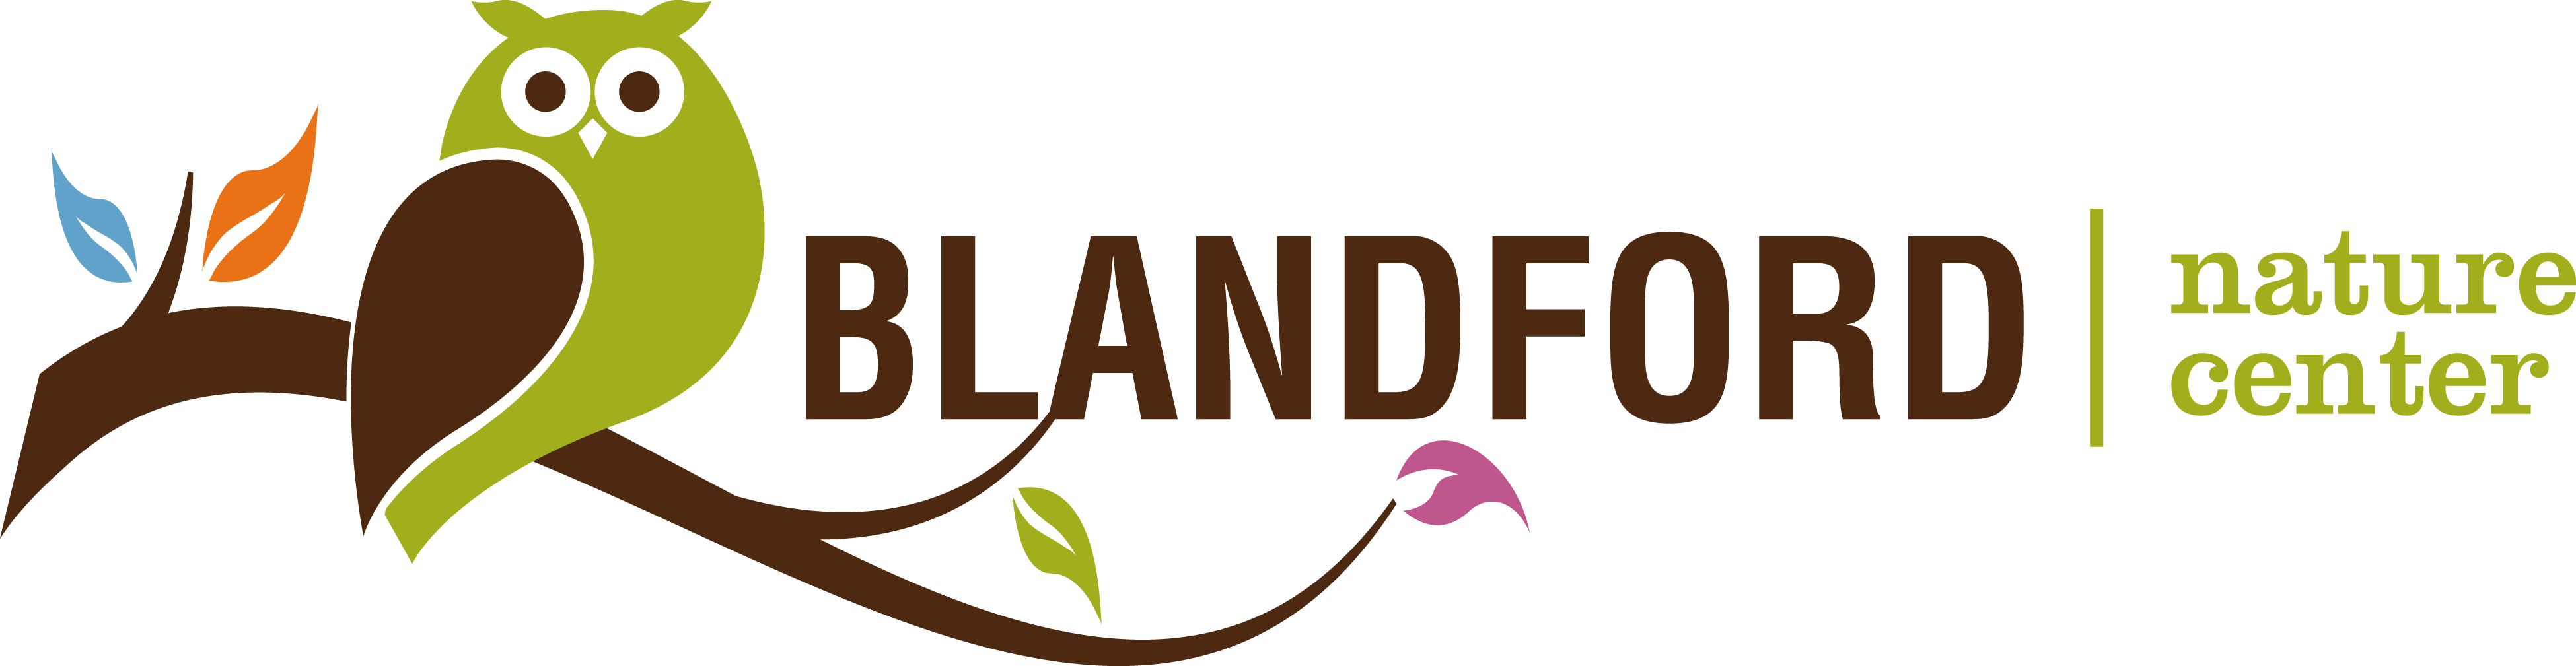 Logo-clr-Horizontal-120816.png#asset:2170